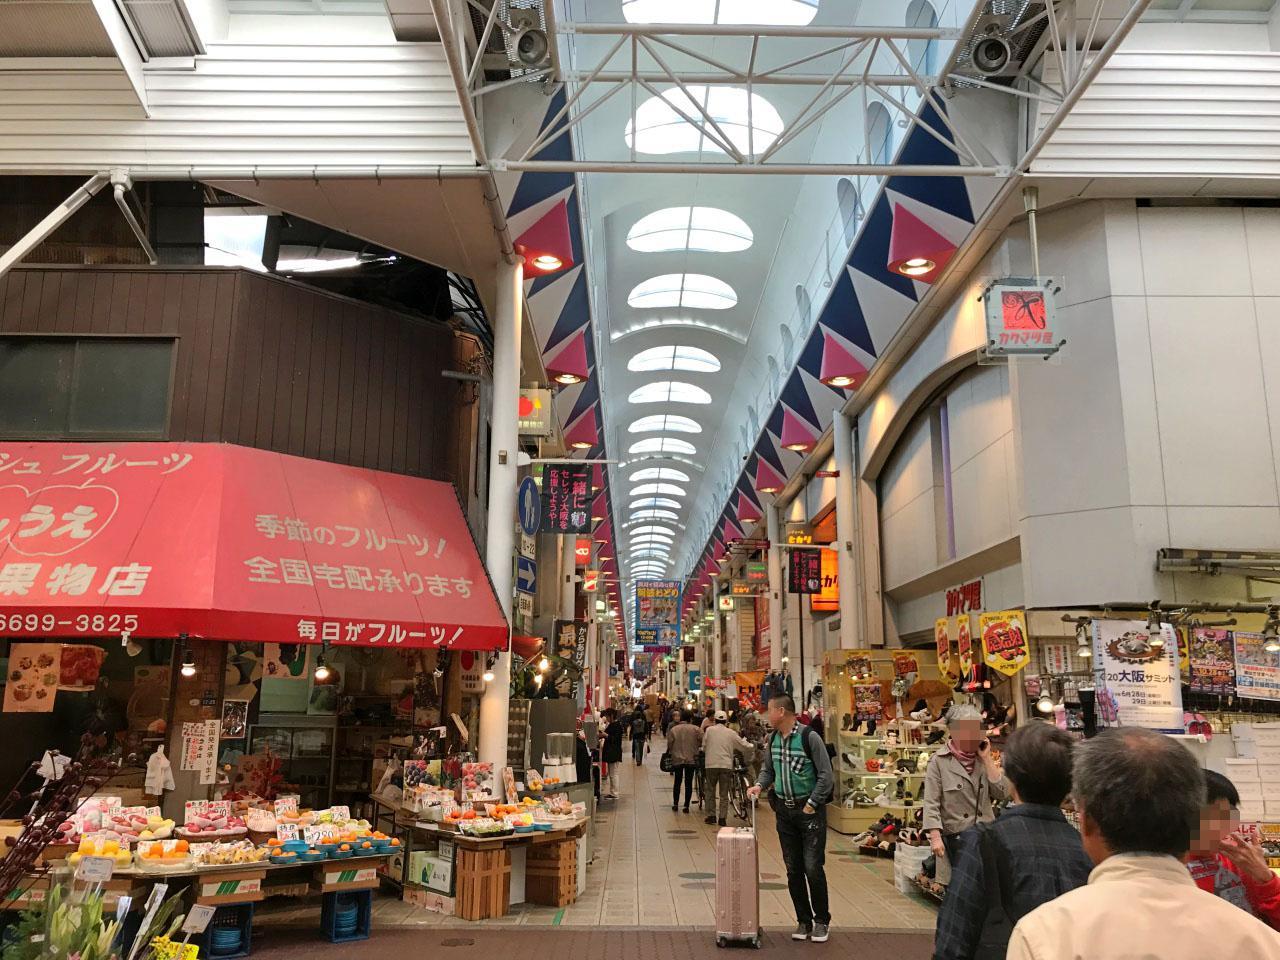 駅前にある長ーい商店街。いつも賑わっています